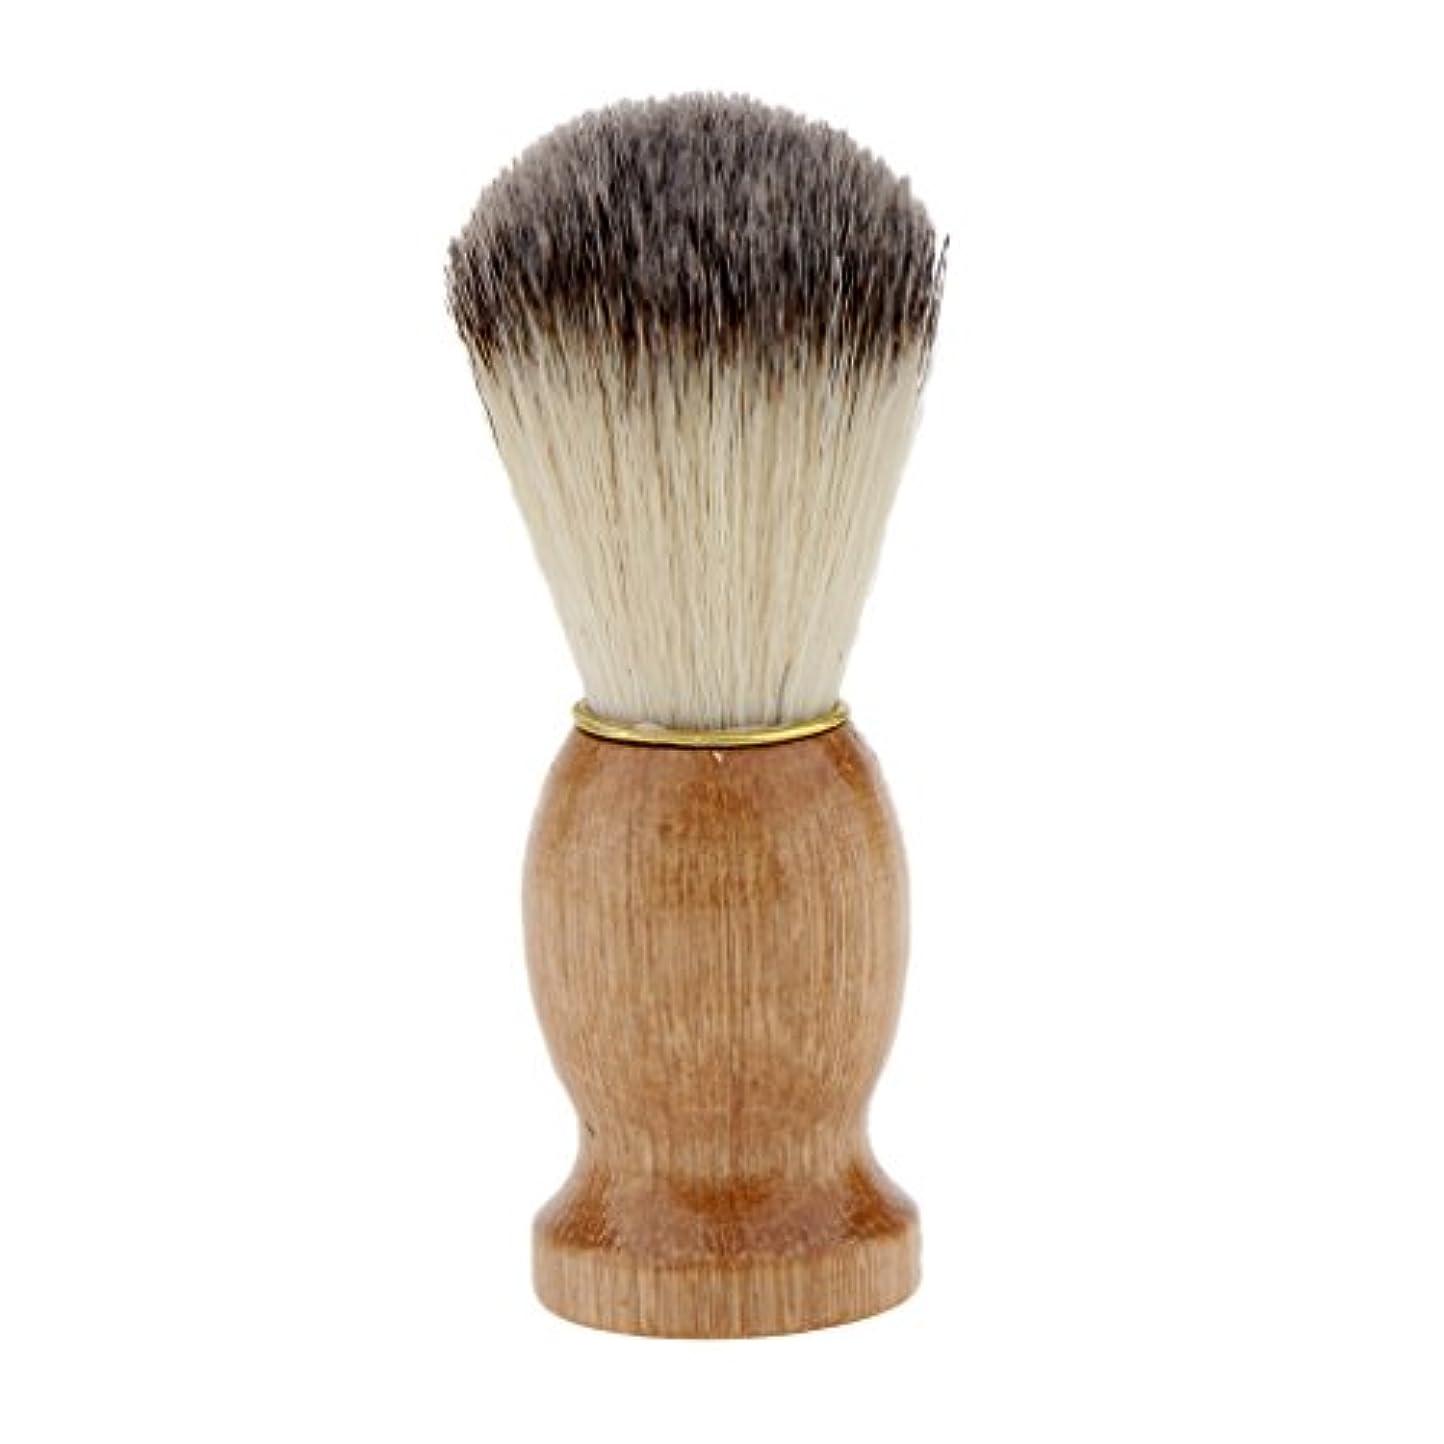 エチケット創傷持っているCUTICATE シェービングブラシ 理容師 シェービングブラシ ひげ剃りブラシ コスメブラシ 木製ハンドル